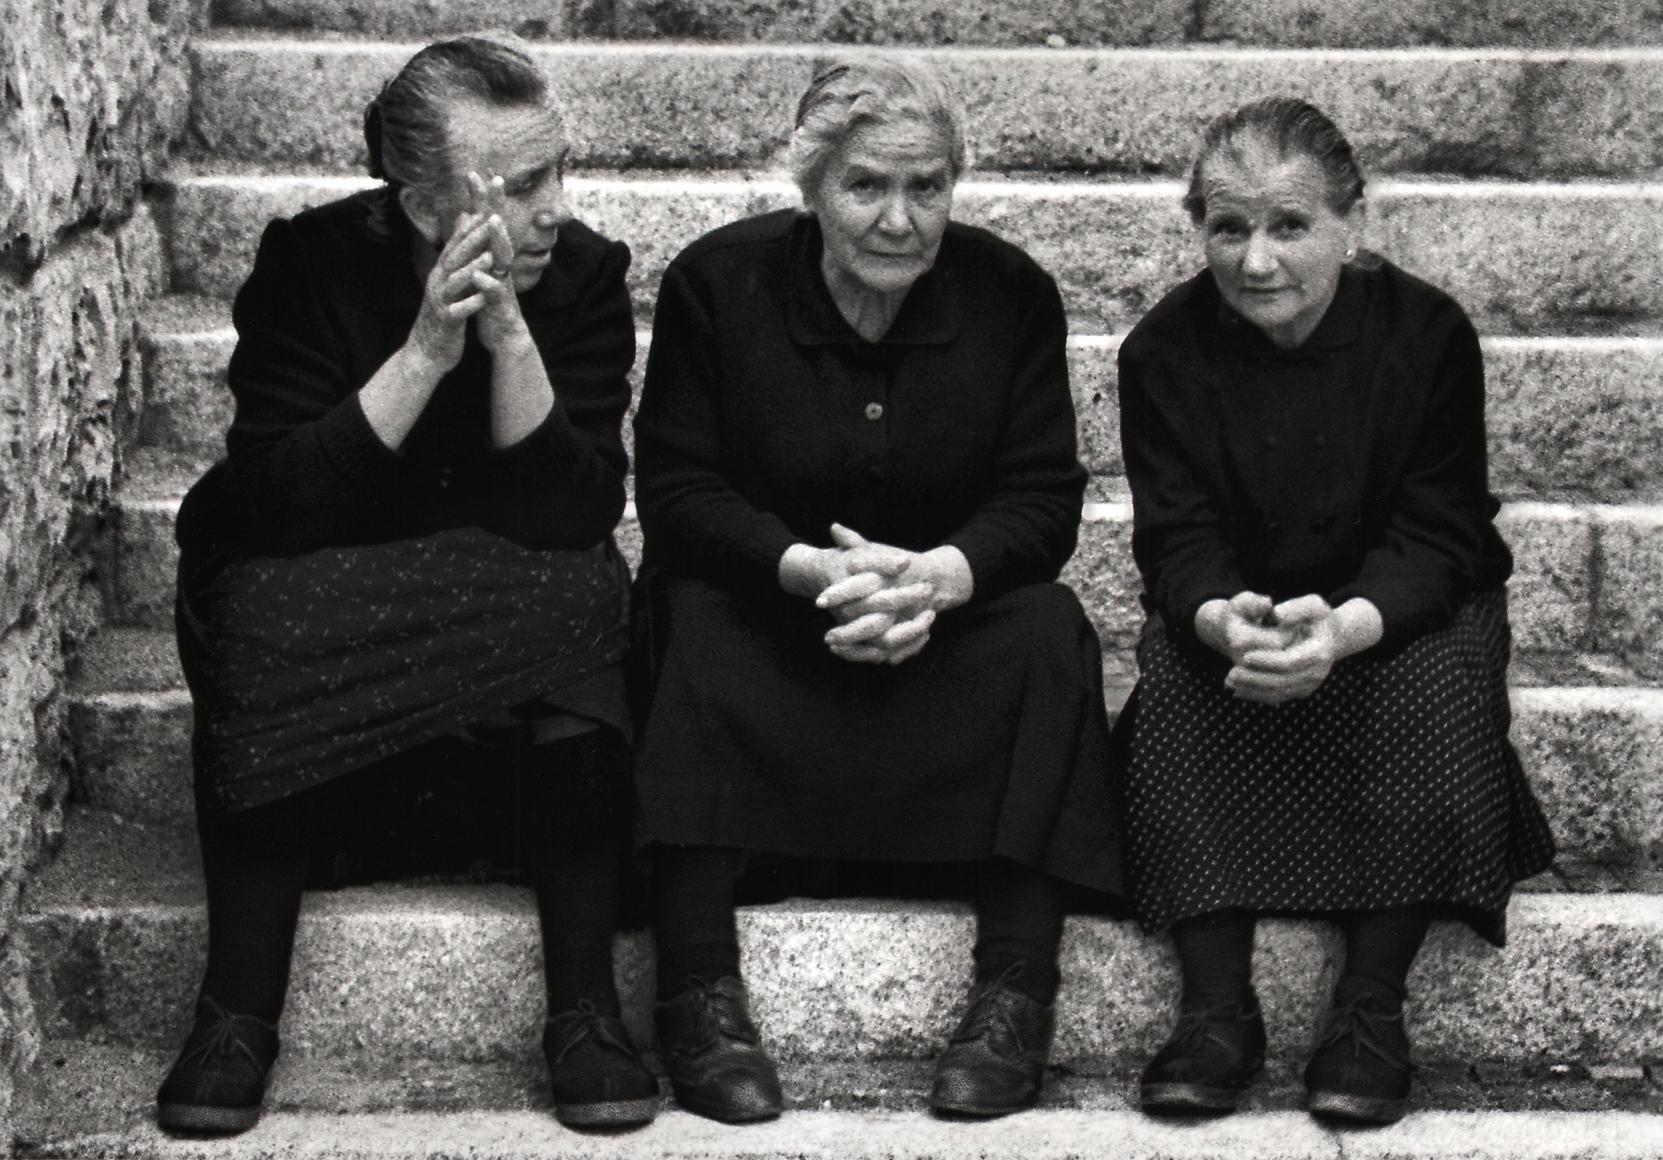 Nino Migliori, The Hands Speak, 1956. Three women sitting on stairs chatting.